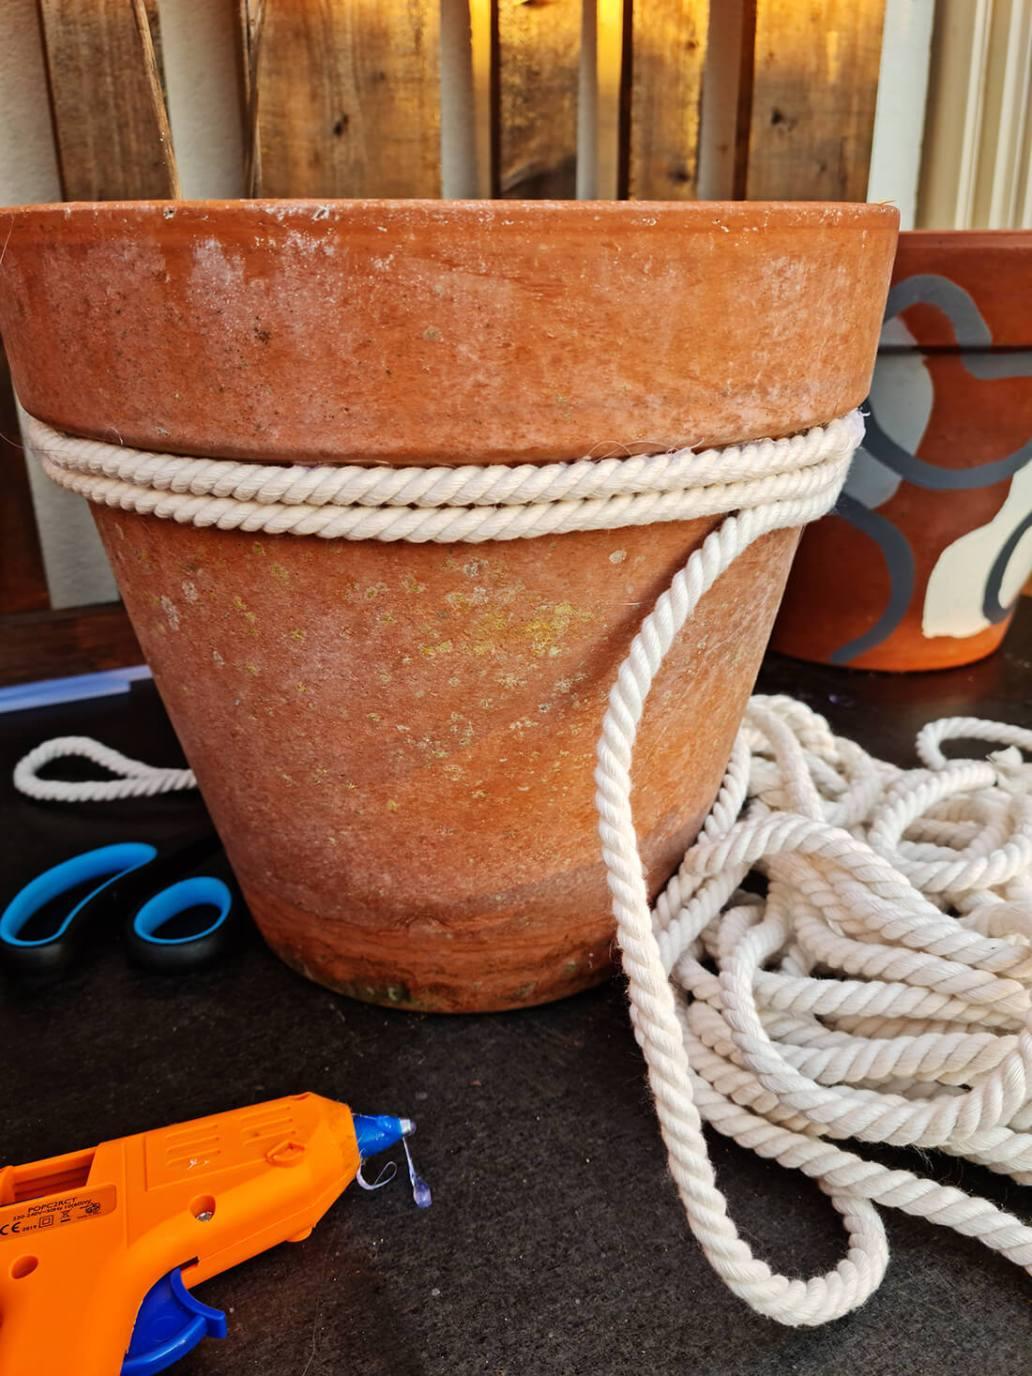 20210610 211729 - DIY jardin : ajouter de la douceur sur un pot de fleurs avec une corde